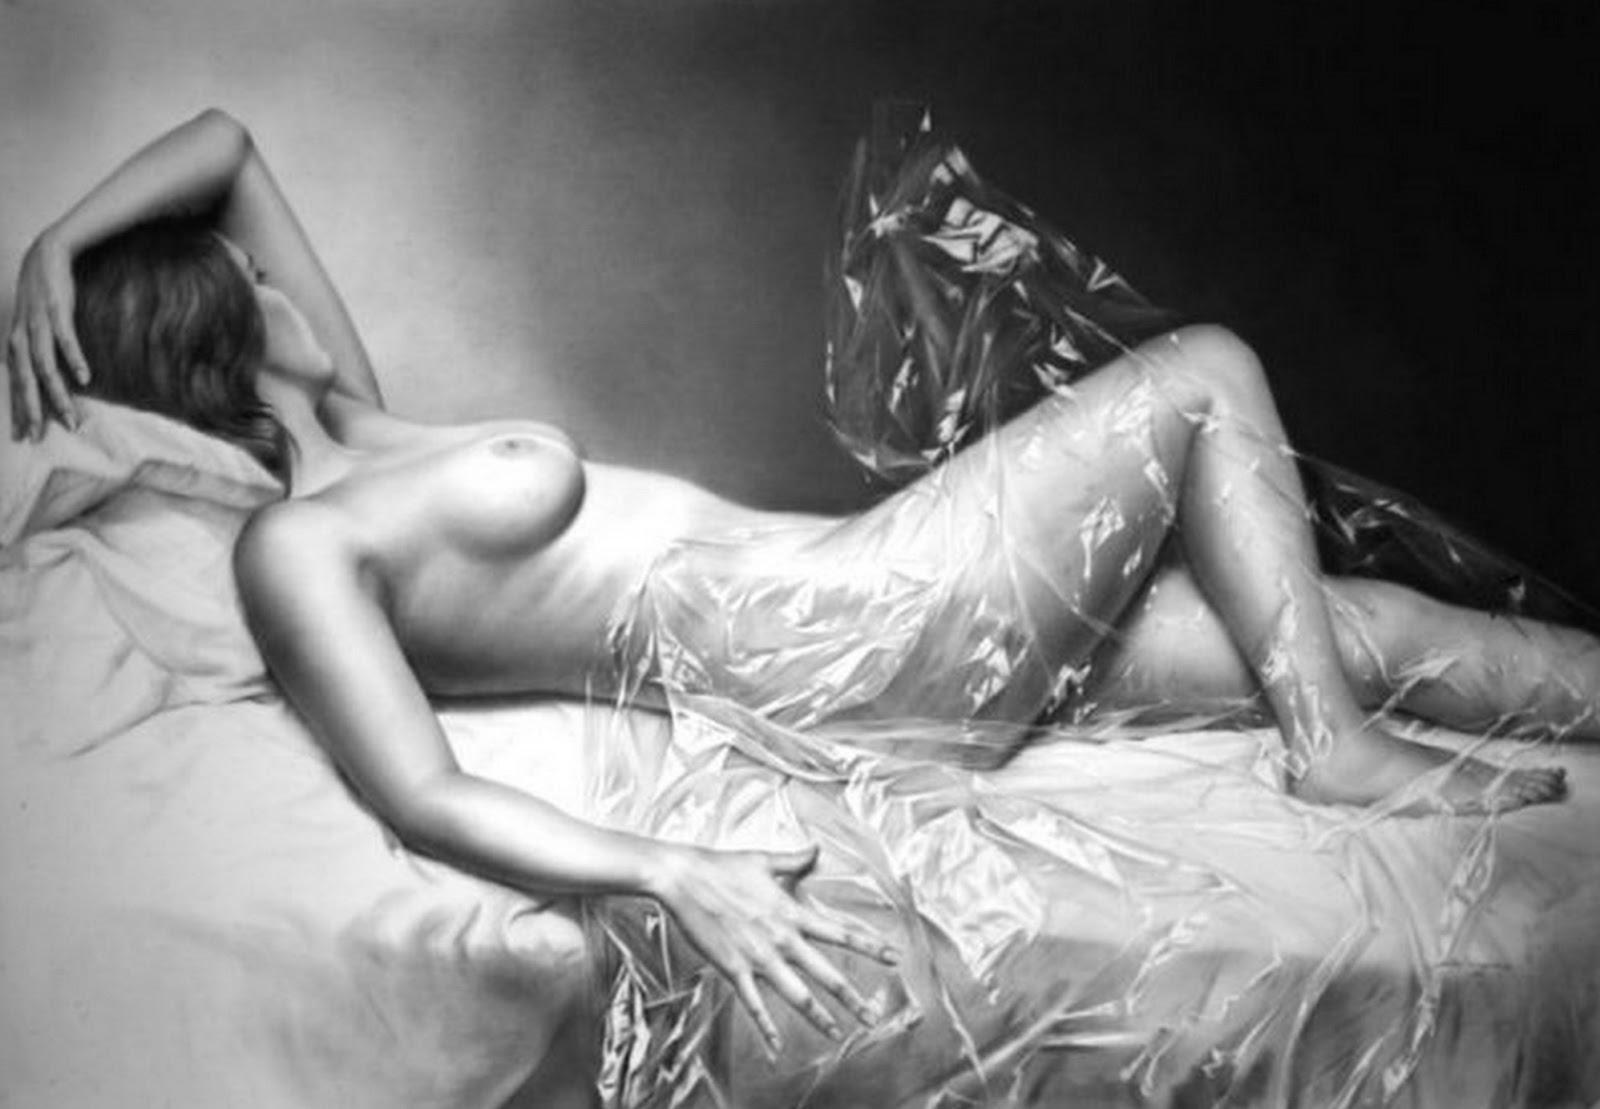 Fotos de sexo en blanco y negro